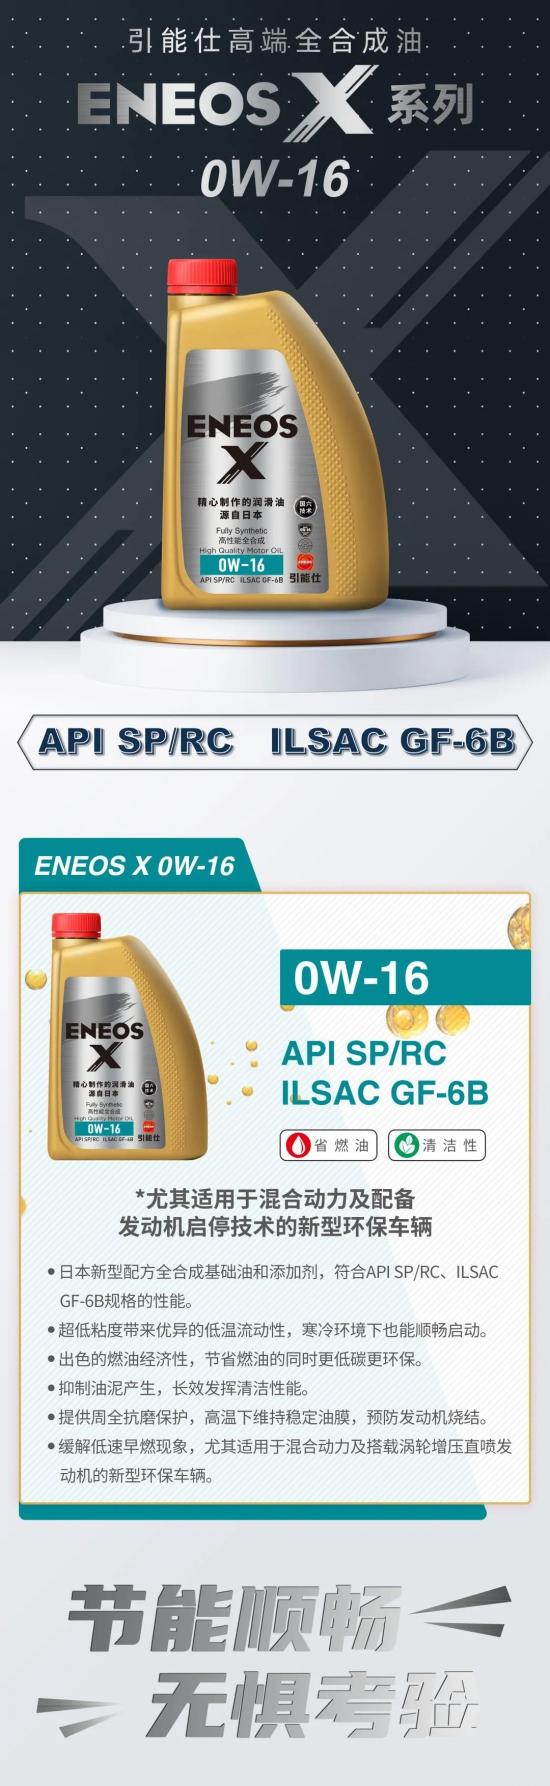 引能仕润滑油长期重视低粘度环保,专注制造低粘度润滑油 中国润滑油网